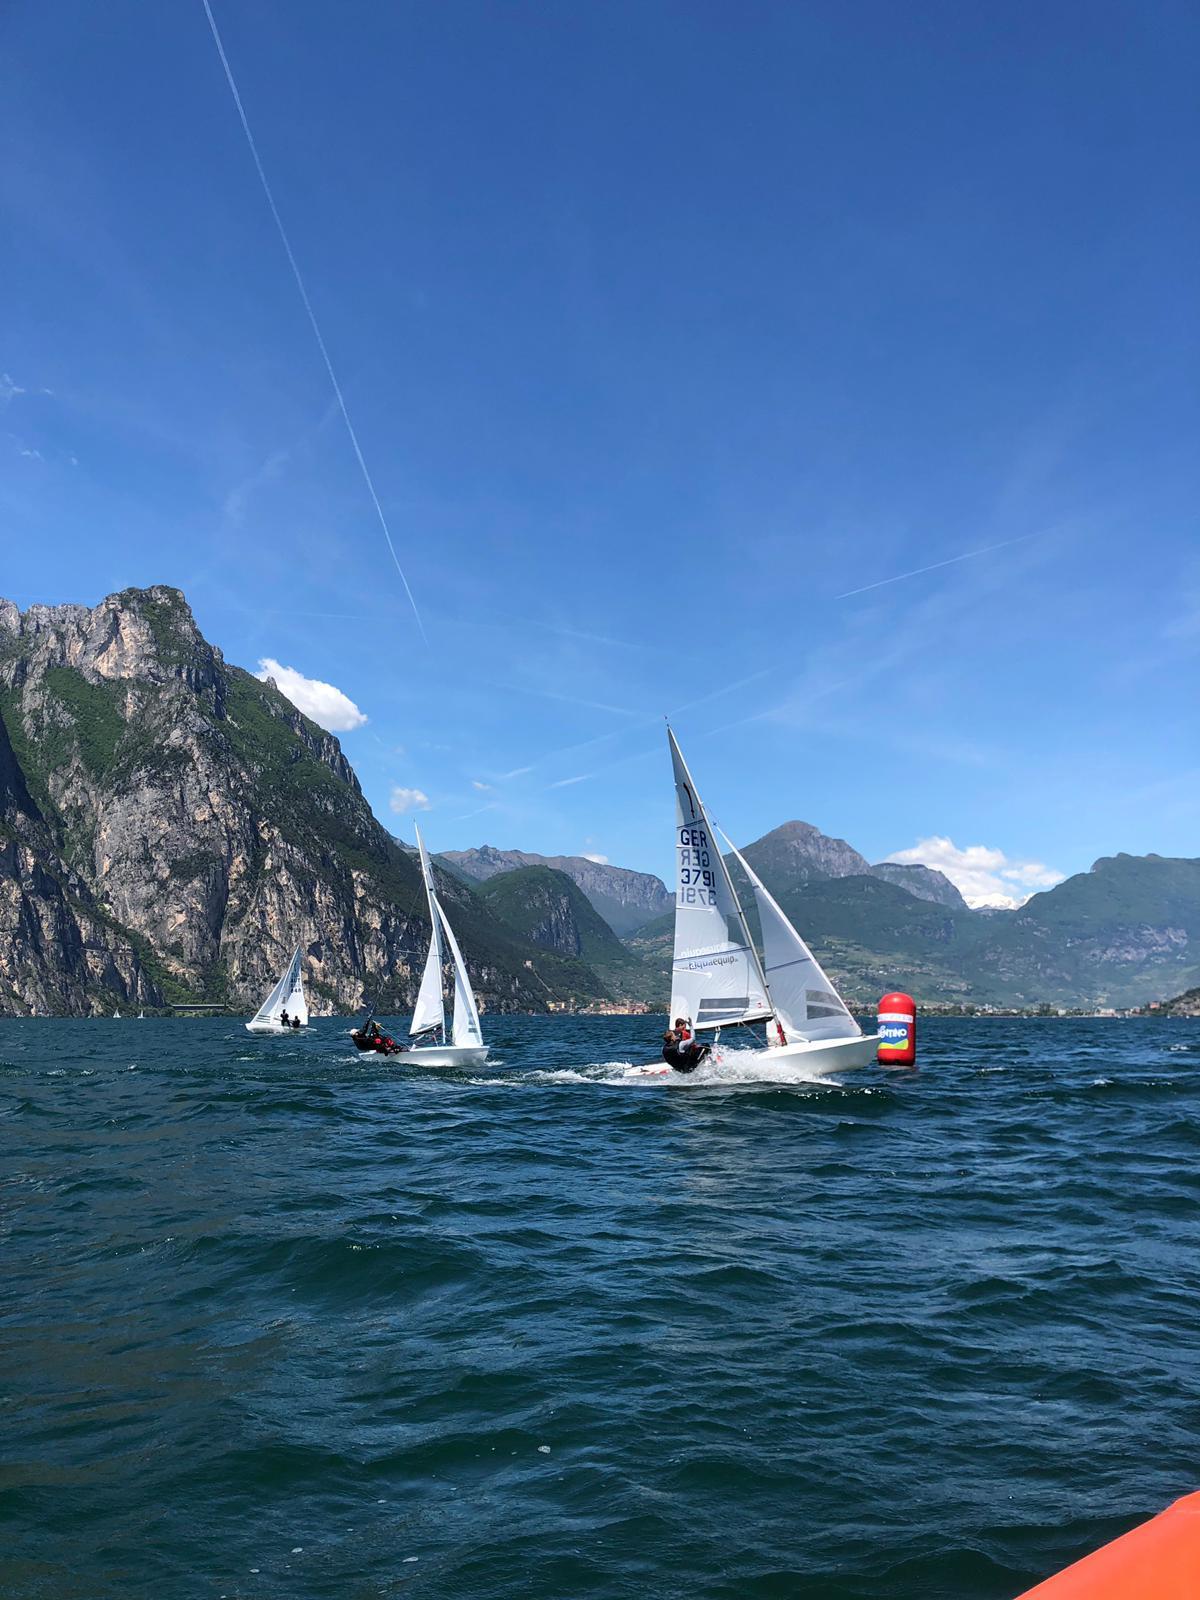 Un bel weekend di vela e otto regate completate per le flotte Dyas, 505 e Korsar alla Riva Cup 2019